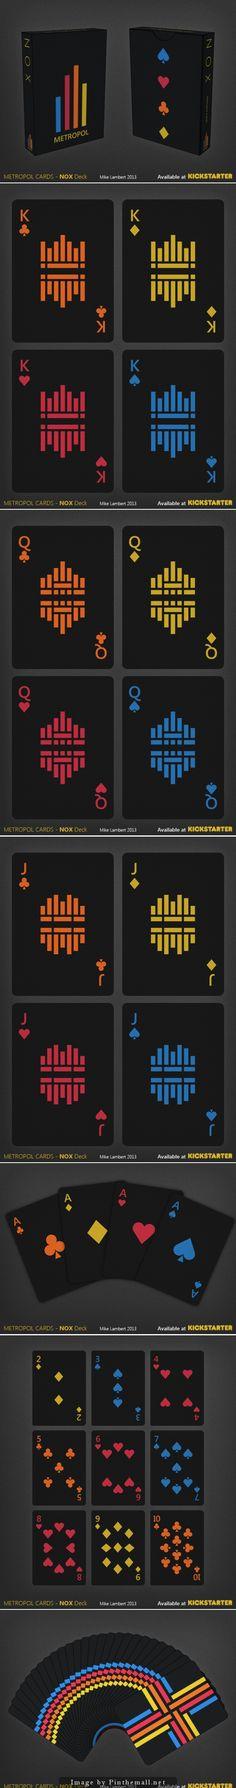 Metropol NOX Playing Cards